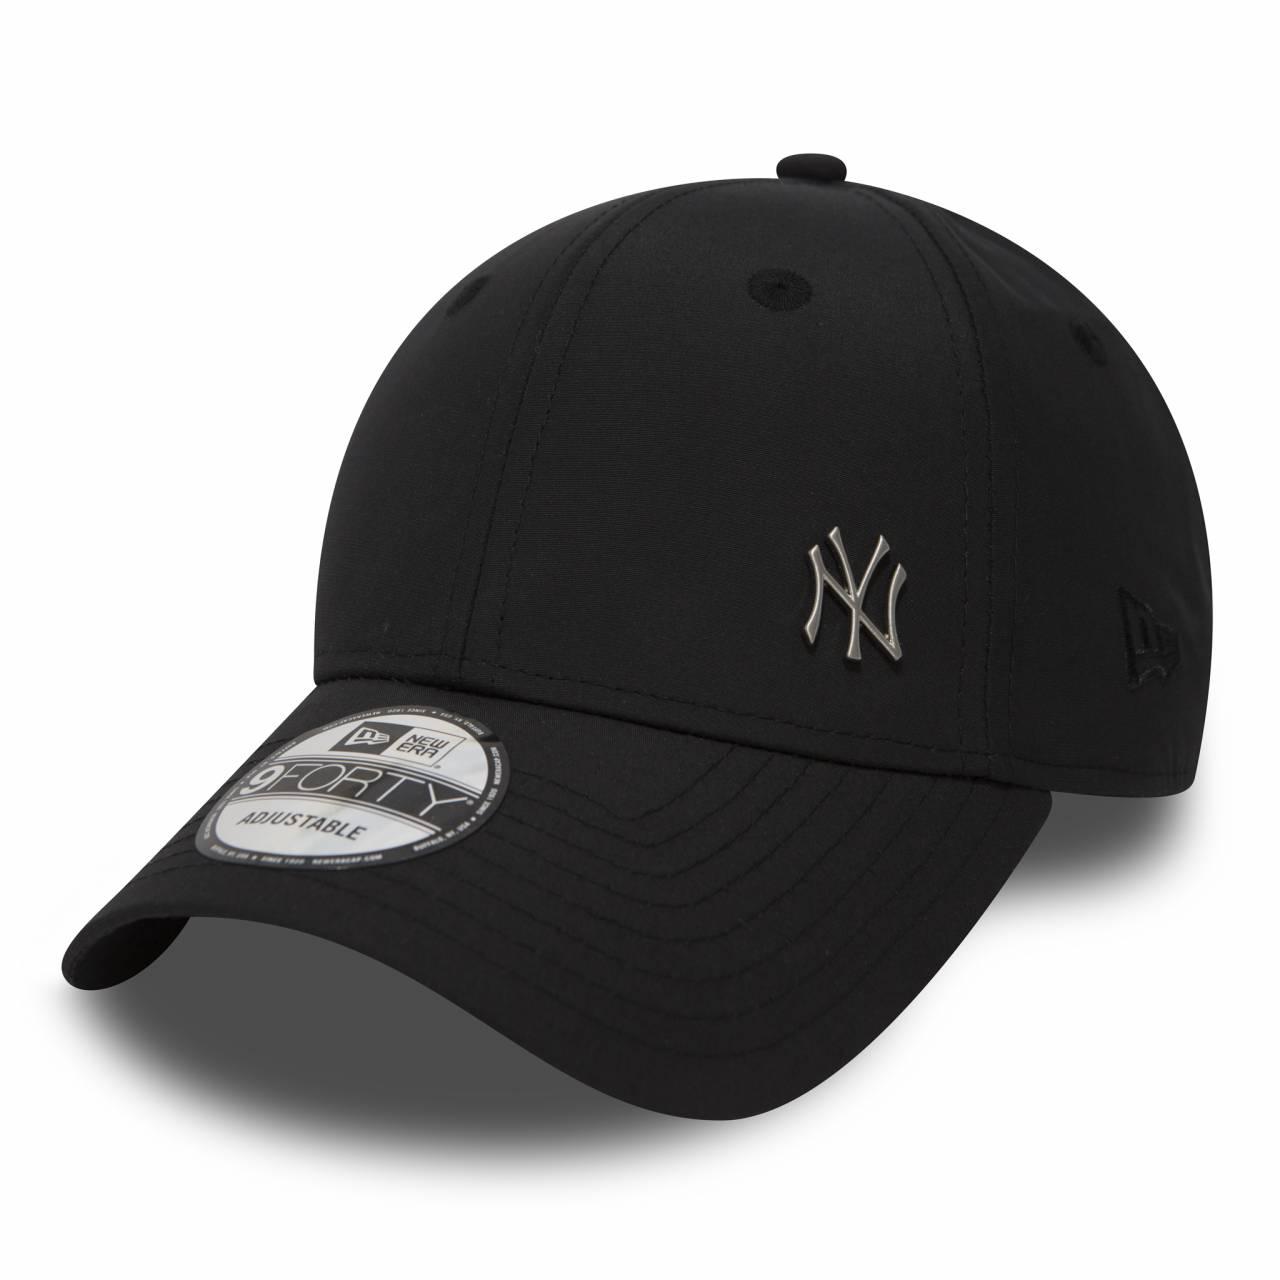 11198850 9FORTY NEW YORK YANKEES METAL LOGO BLACK CAP